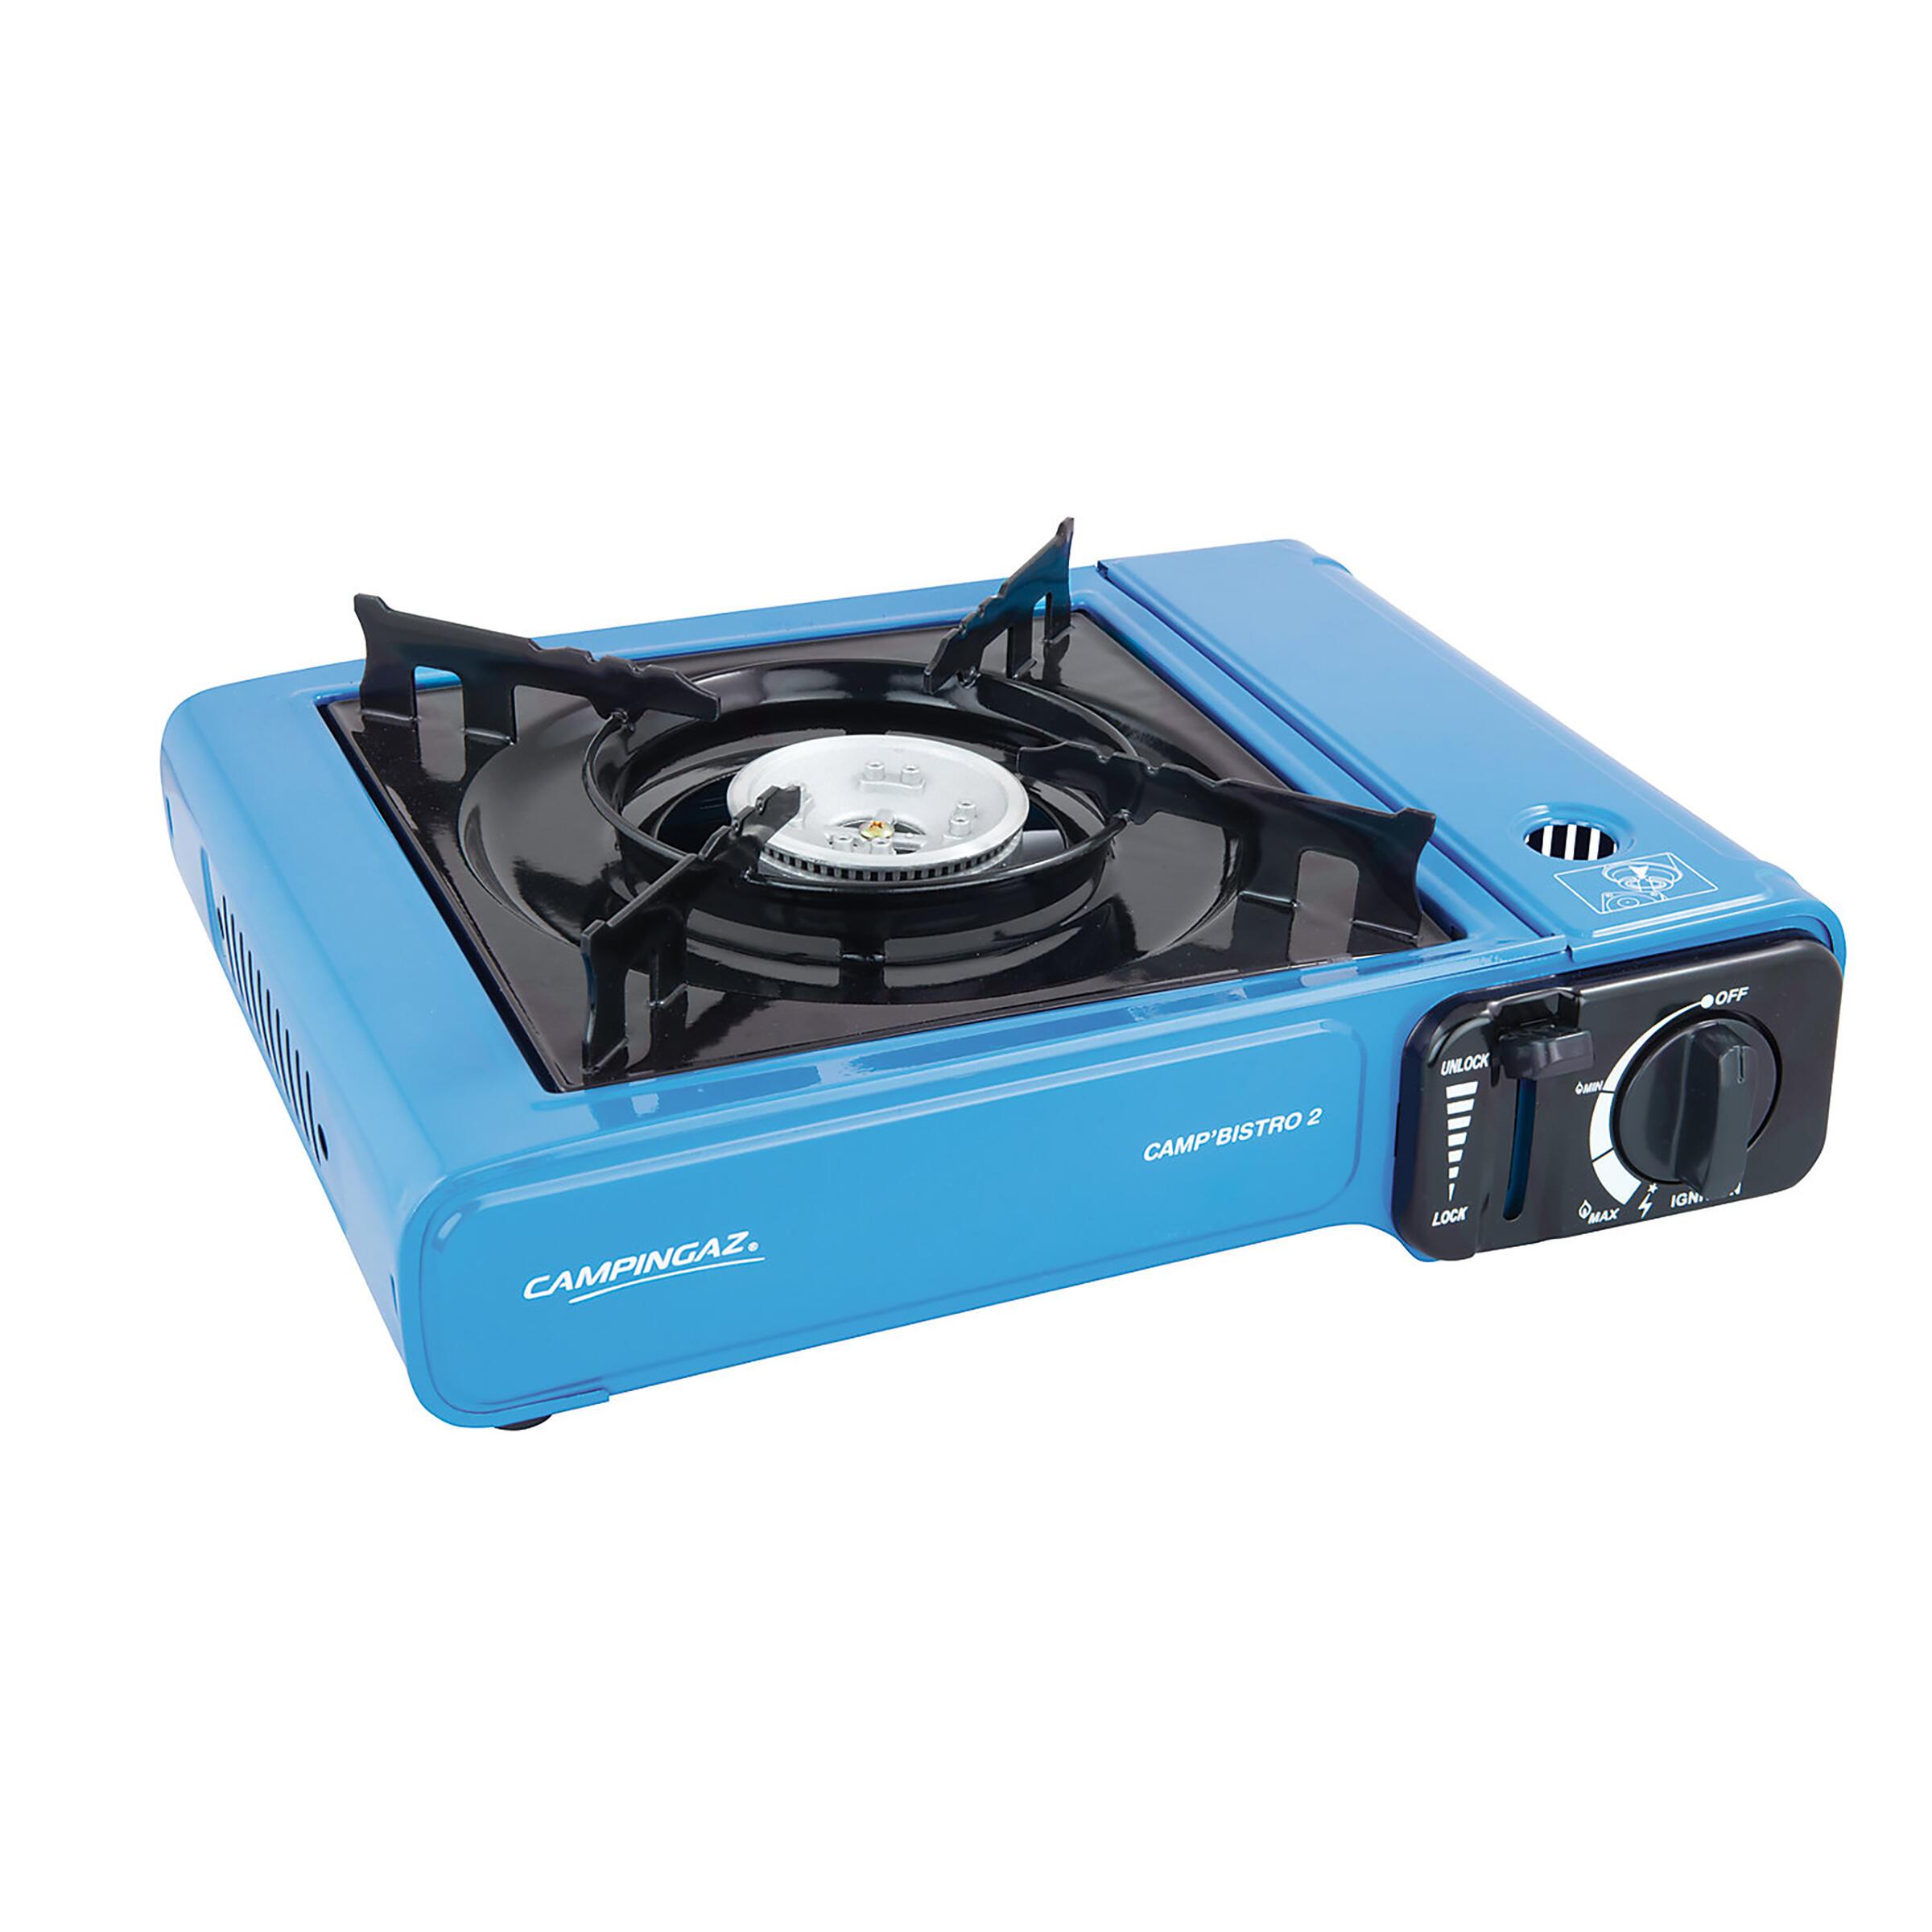 Campingaz Twister Plus Pz-piezo allumage brûleur cuisinière de camping